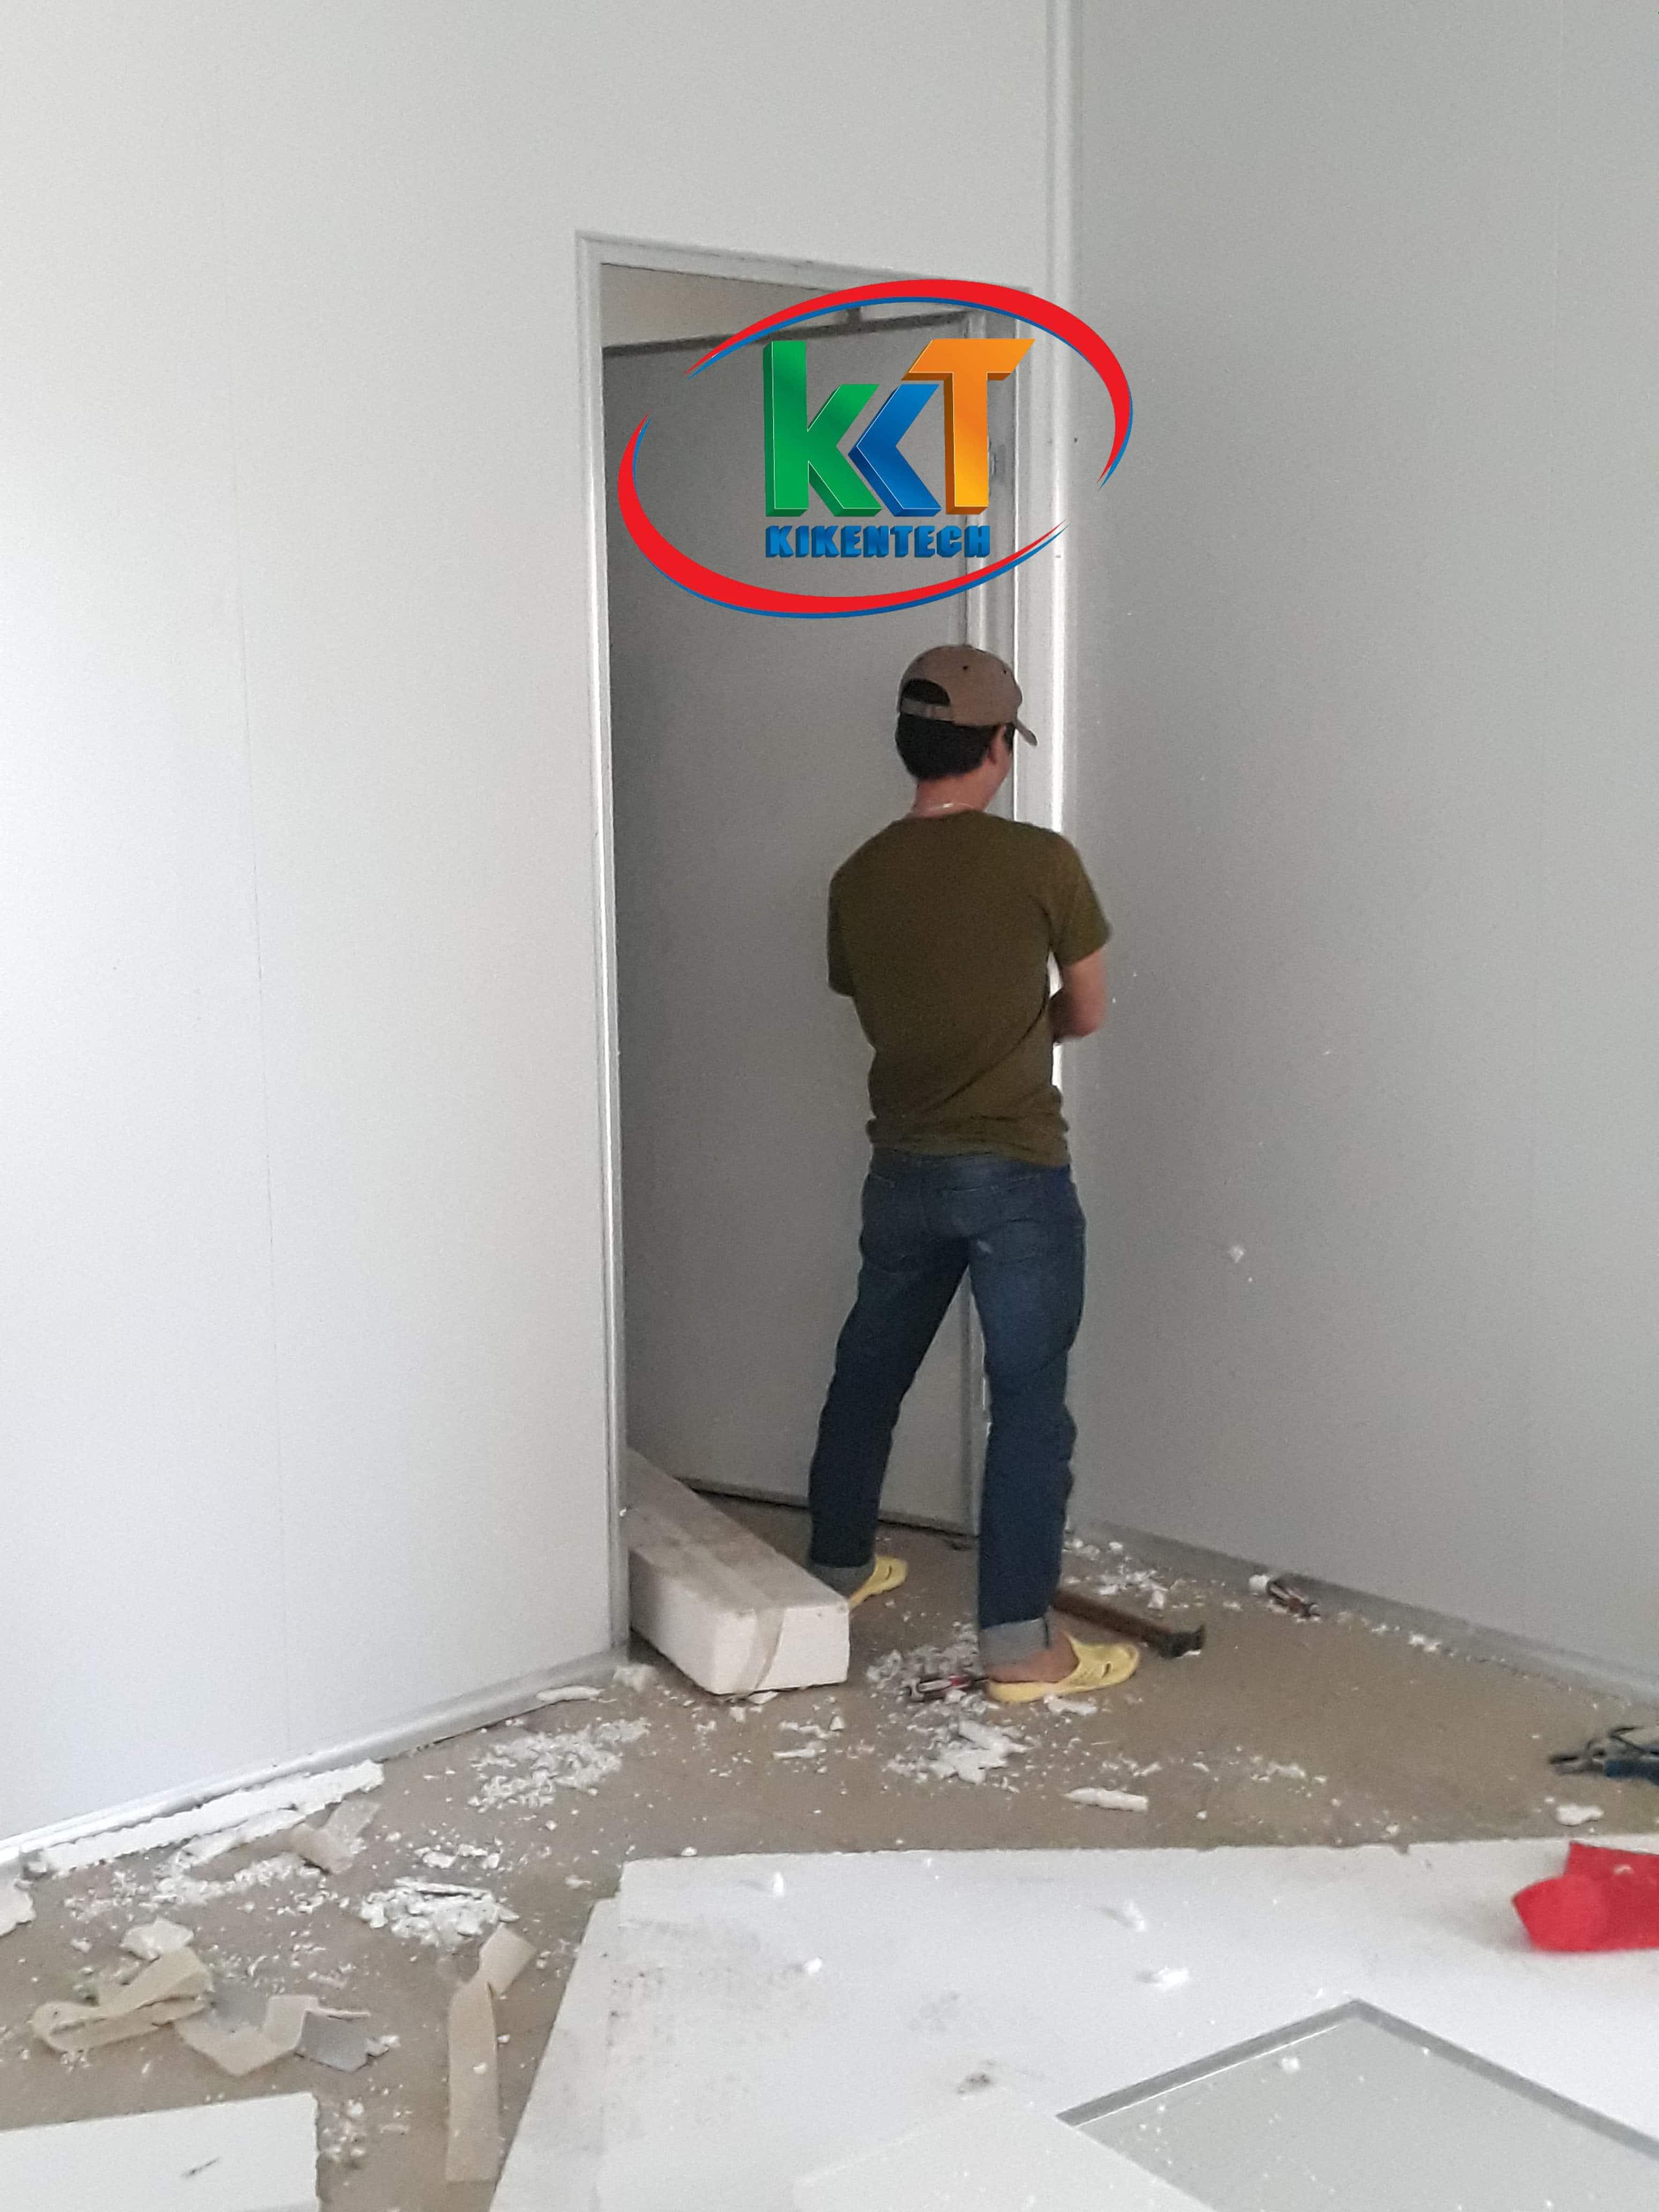 Kikentech được Vingroup chọn là nhà sô 1 thầu lắp đặt kho lạnh - lắp đặt phòng mát. Đơn vị lắp đặt kho lạnh bảo quản uy tín chuyên nghiệp nhất Việt Nam